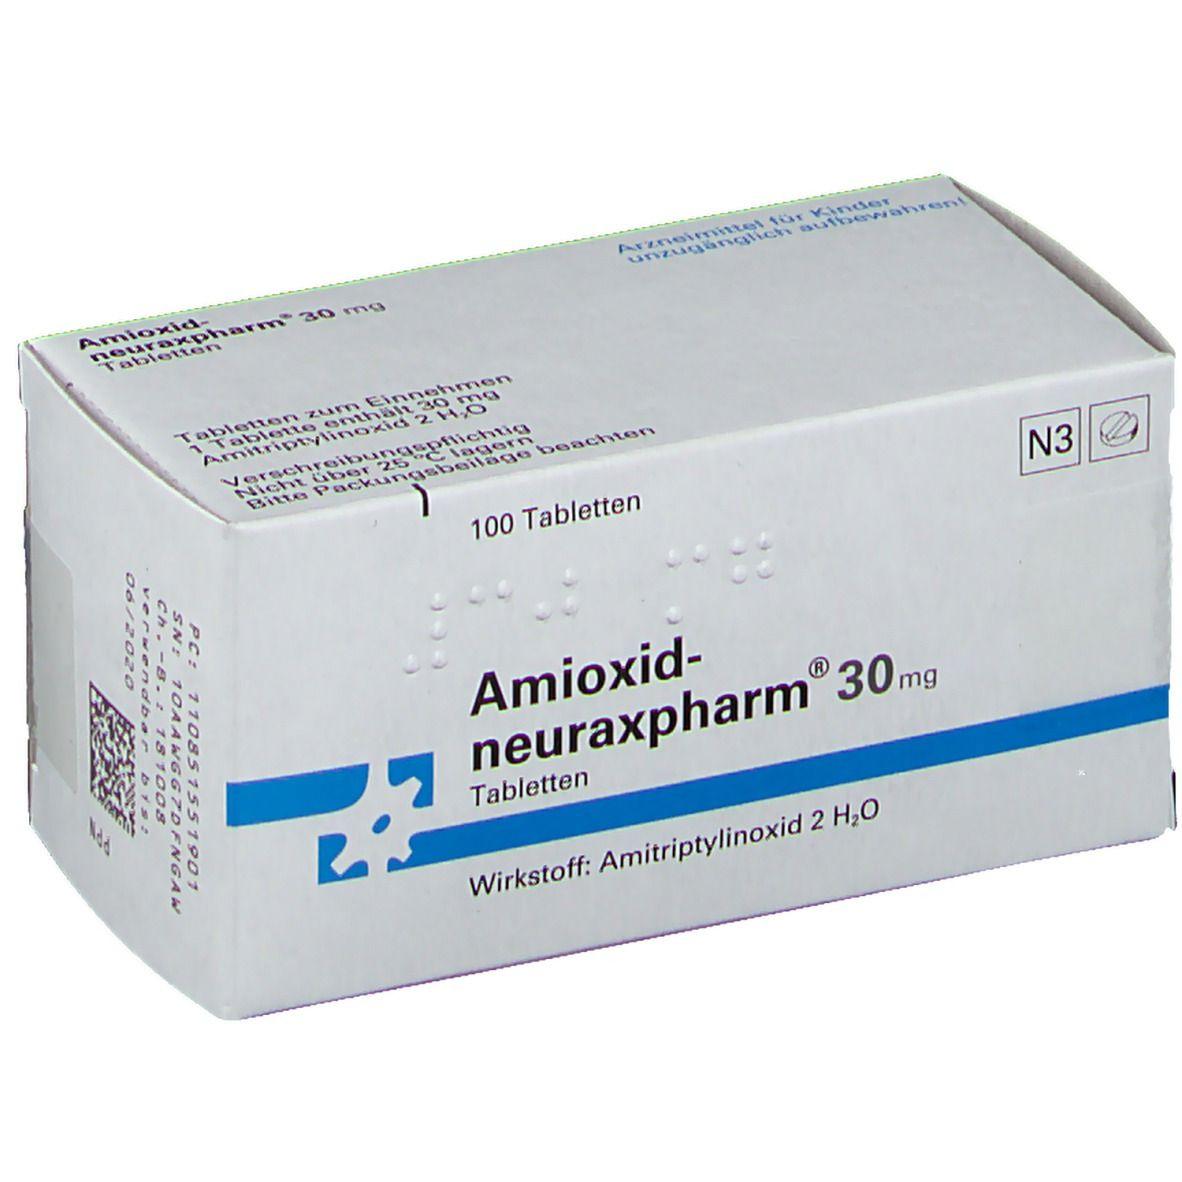 15 tödlich mirtazapin überdosis mg DoktorWeigl erklärt